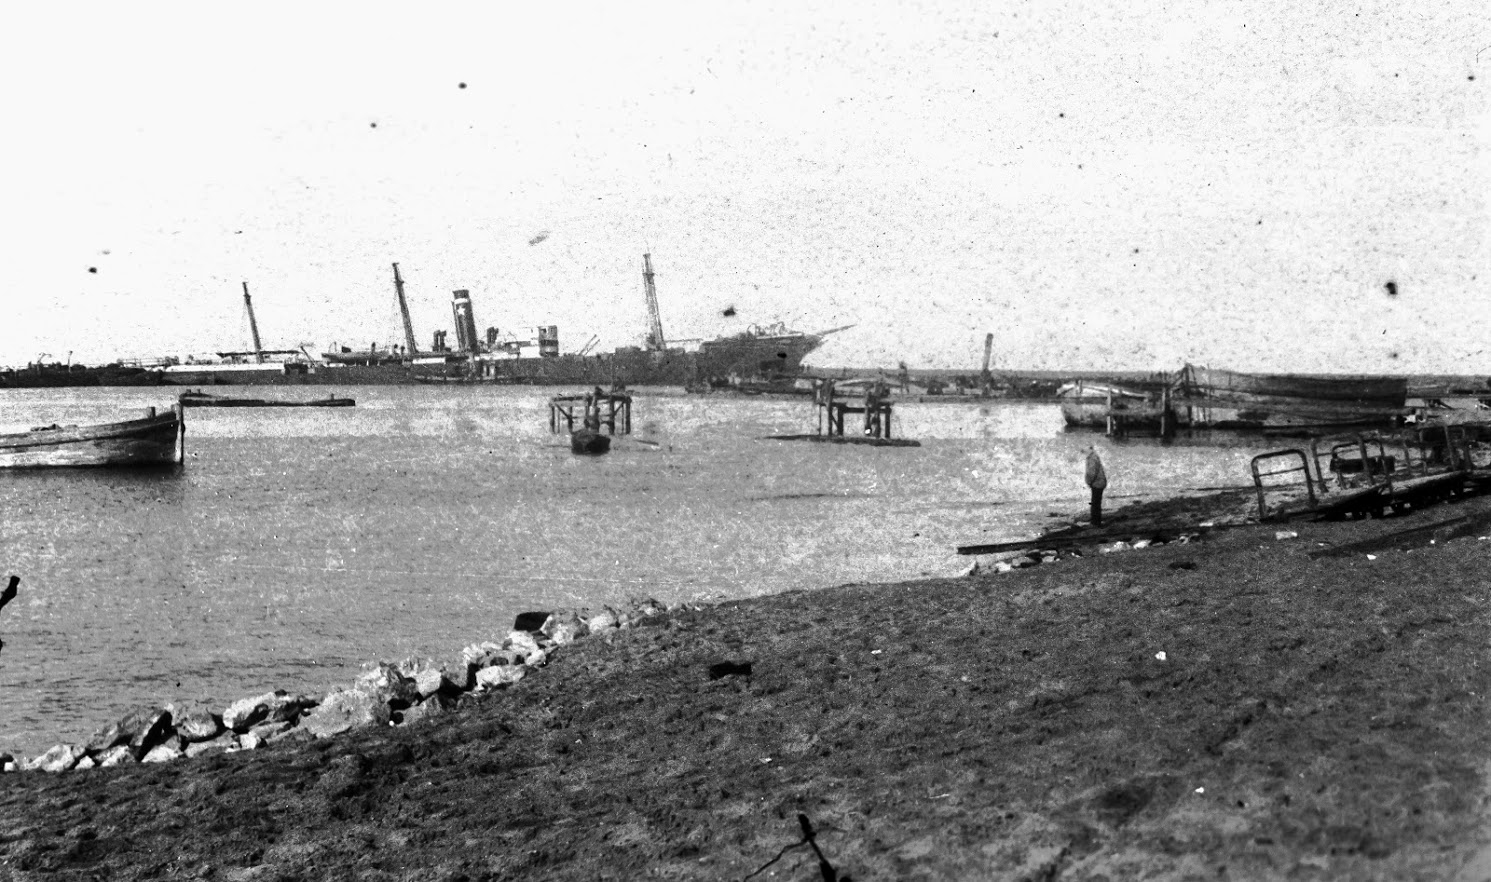 Ship Anchored At Beach c.1915